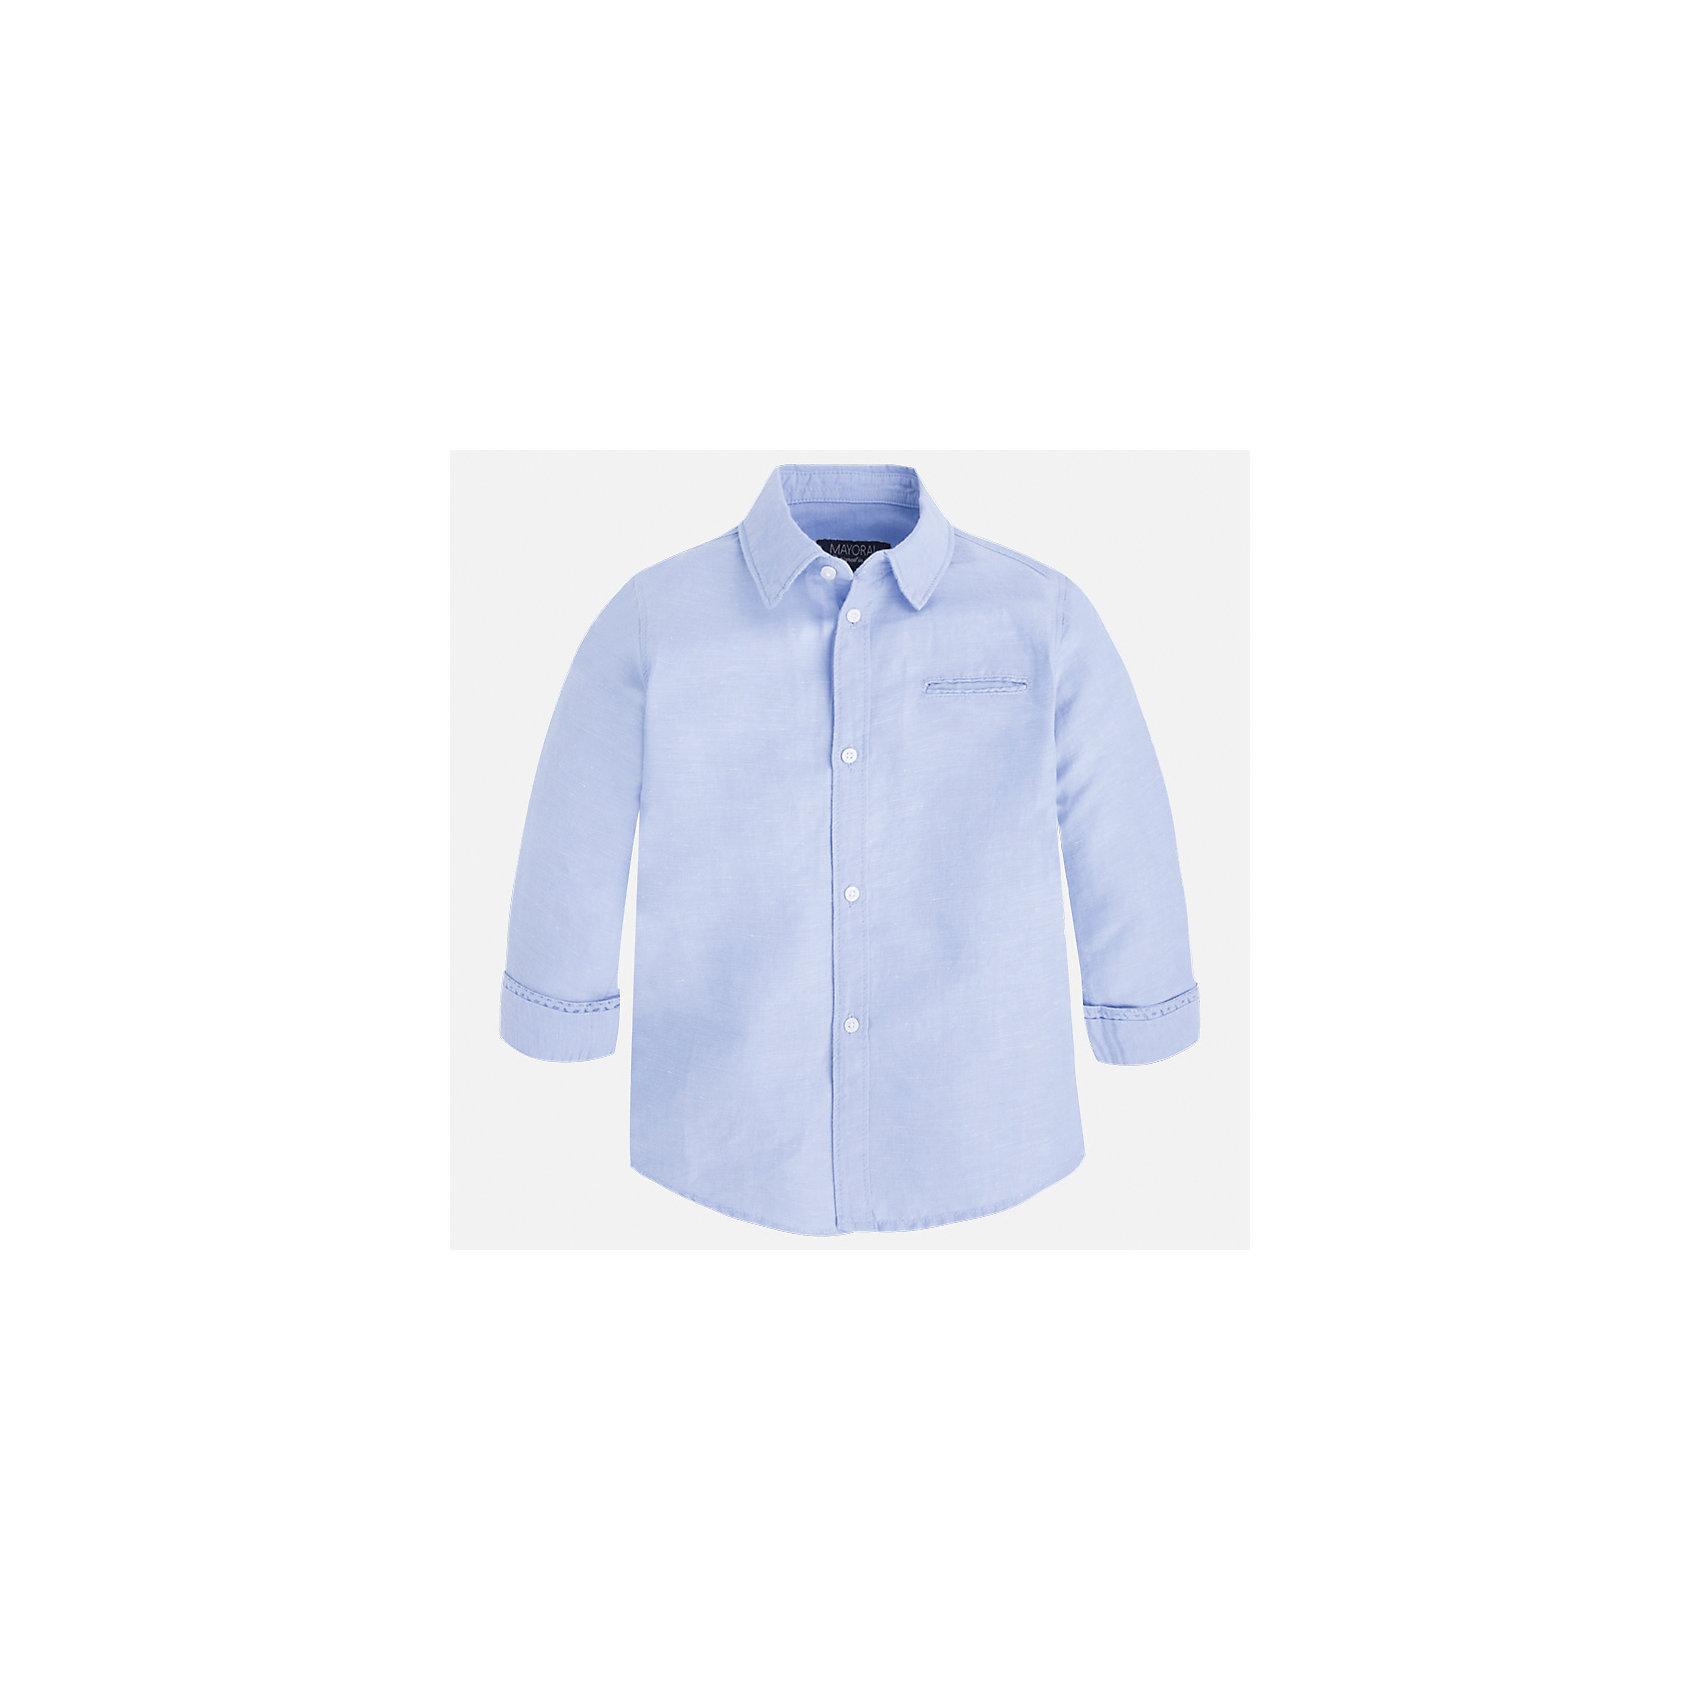 Рубашка для мальчика MayoralБлузки и рубашки<br>Характеристики товара:<br><br>• цвет: голубой<br>• состав: 70% хлопок, 30% лен<br>• отложной воротник<br>• рукава с отворотами<br>• застежка: пуговицы<br>• карман на груди<br>• страна бренда: Испания<br><br>Удобная и модная рубашка для мальчика может стать базовой вещью в гардеробе ребенка. Она отлично сочетается с брюками, шортами, джинсами и т.д. Универсальный крой и цвет позволяет подобрать к вещи низ разных расцветок. Практичное и стильное изделие! В составе материала - натуральный хлопок, гипоаллергенный, приятный на ощупь, дышащий.<br><br>Одежда, обувь и аксессуары от испанского бренда Mayoral полюбились детям и взрослым по всему миру. Модели этой марки - стильные и удобные. Для их производства используются только безопасные, качественные материалы и фурнитура. Порадуйте ребенка модными и красивыми вещами от Mayoral! <br><br>Рубашку для мальчика от испанского бренда Mayoral (Майорал) можно купить в нашем интернет-магазине.<br><br>Ширина мм: 174<br>Глубина мм: 10<br>Высота мм: 169<br>Вес г: 157<br>Цвет: голубой<br>Возраст от месяцев: 60<br>Возраст до месяцев: 72<br>Пол: Мужской<br>Возраст: Детский<br>Размер: 116,134,128,122,110,104,98,92<br>SKU: 5277713